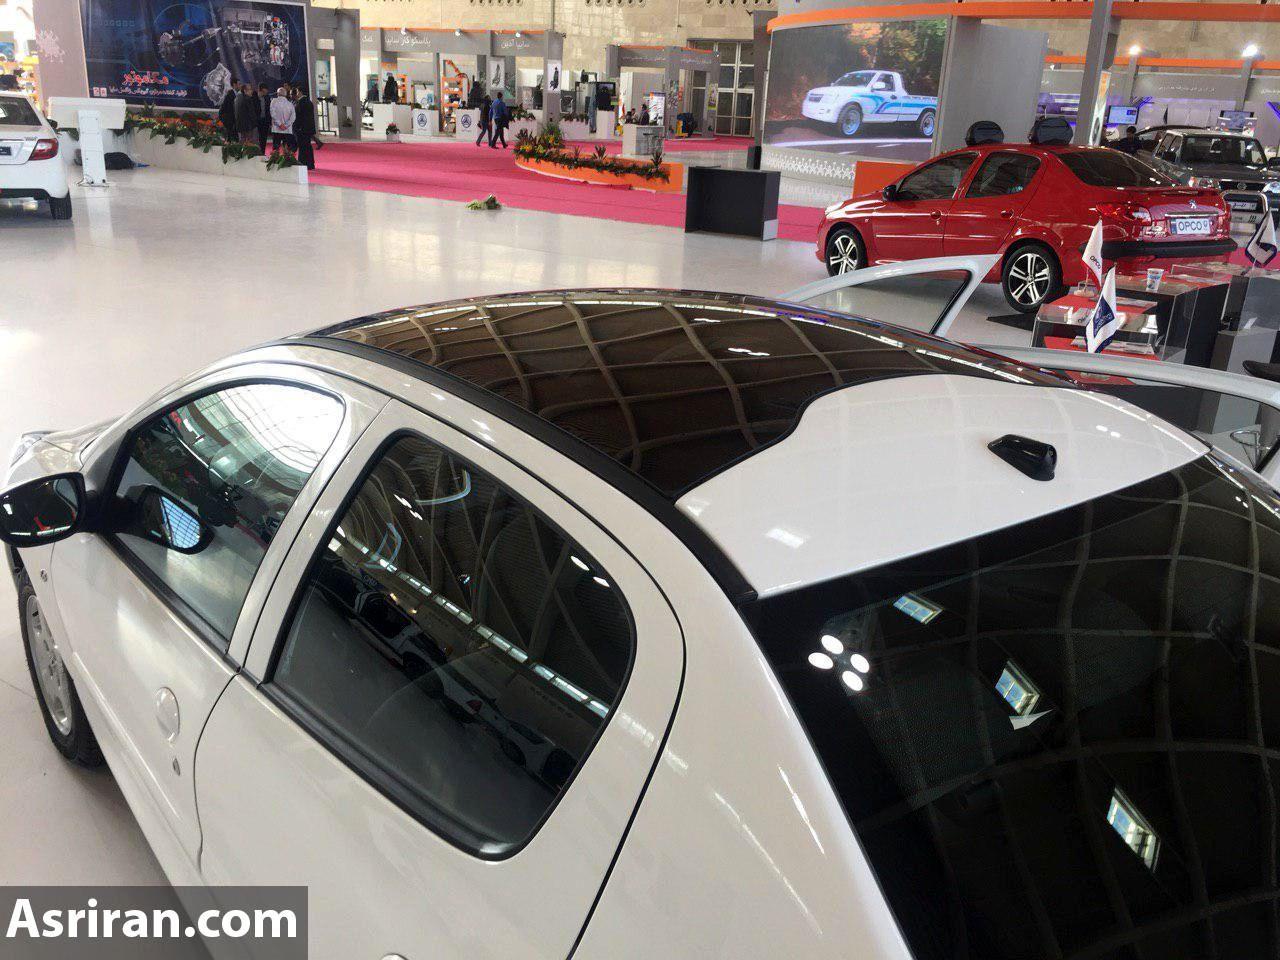 ایران خودرو: عرضه پژو ۲۰۷ پانوراما در نیمه اول سال جاری / رانا و دنا پلاس برقی می شوند (+جزئیات)